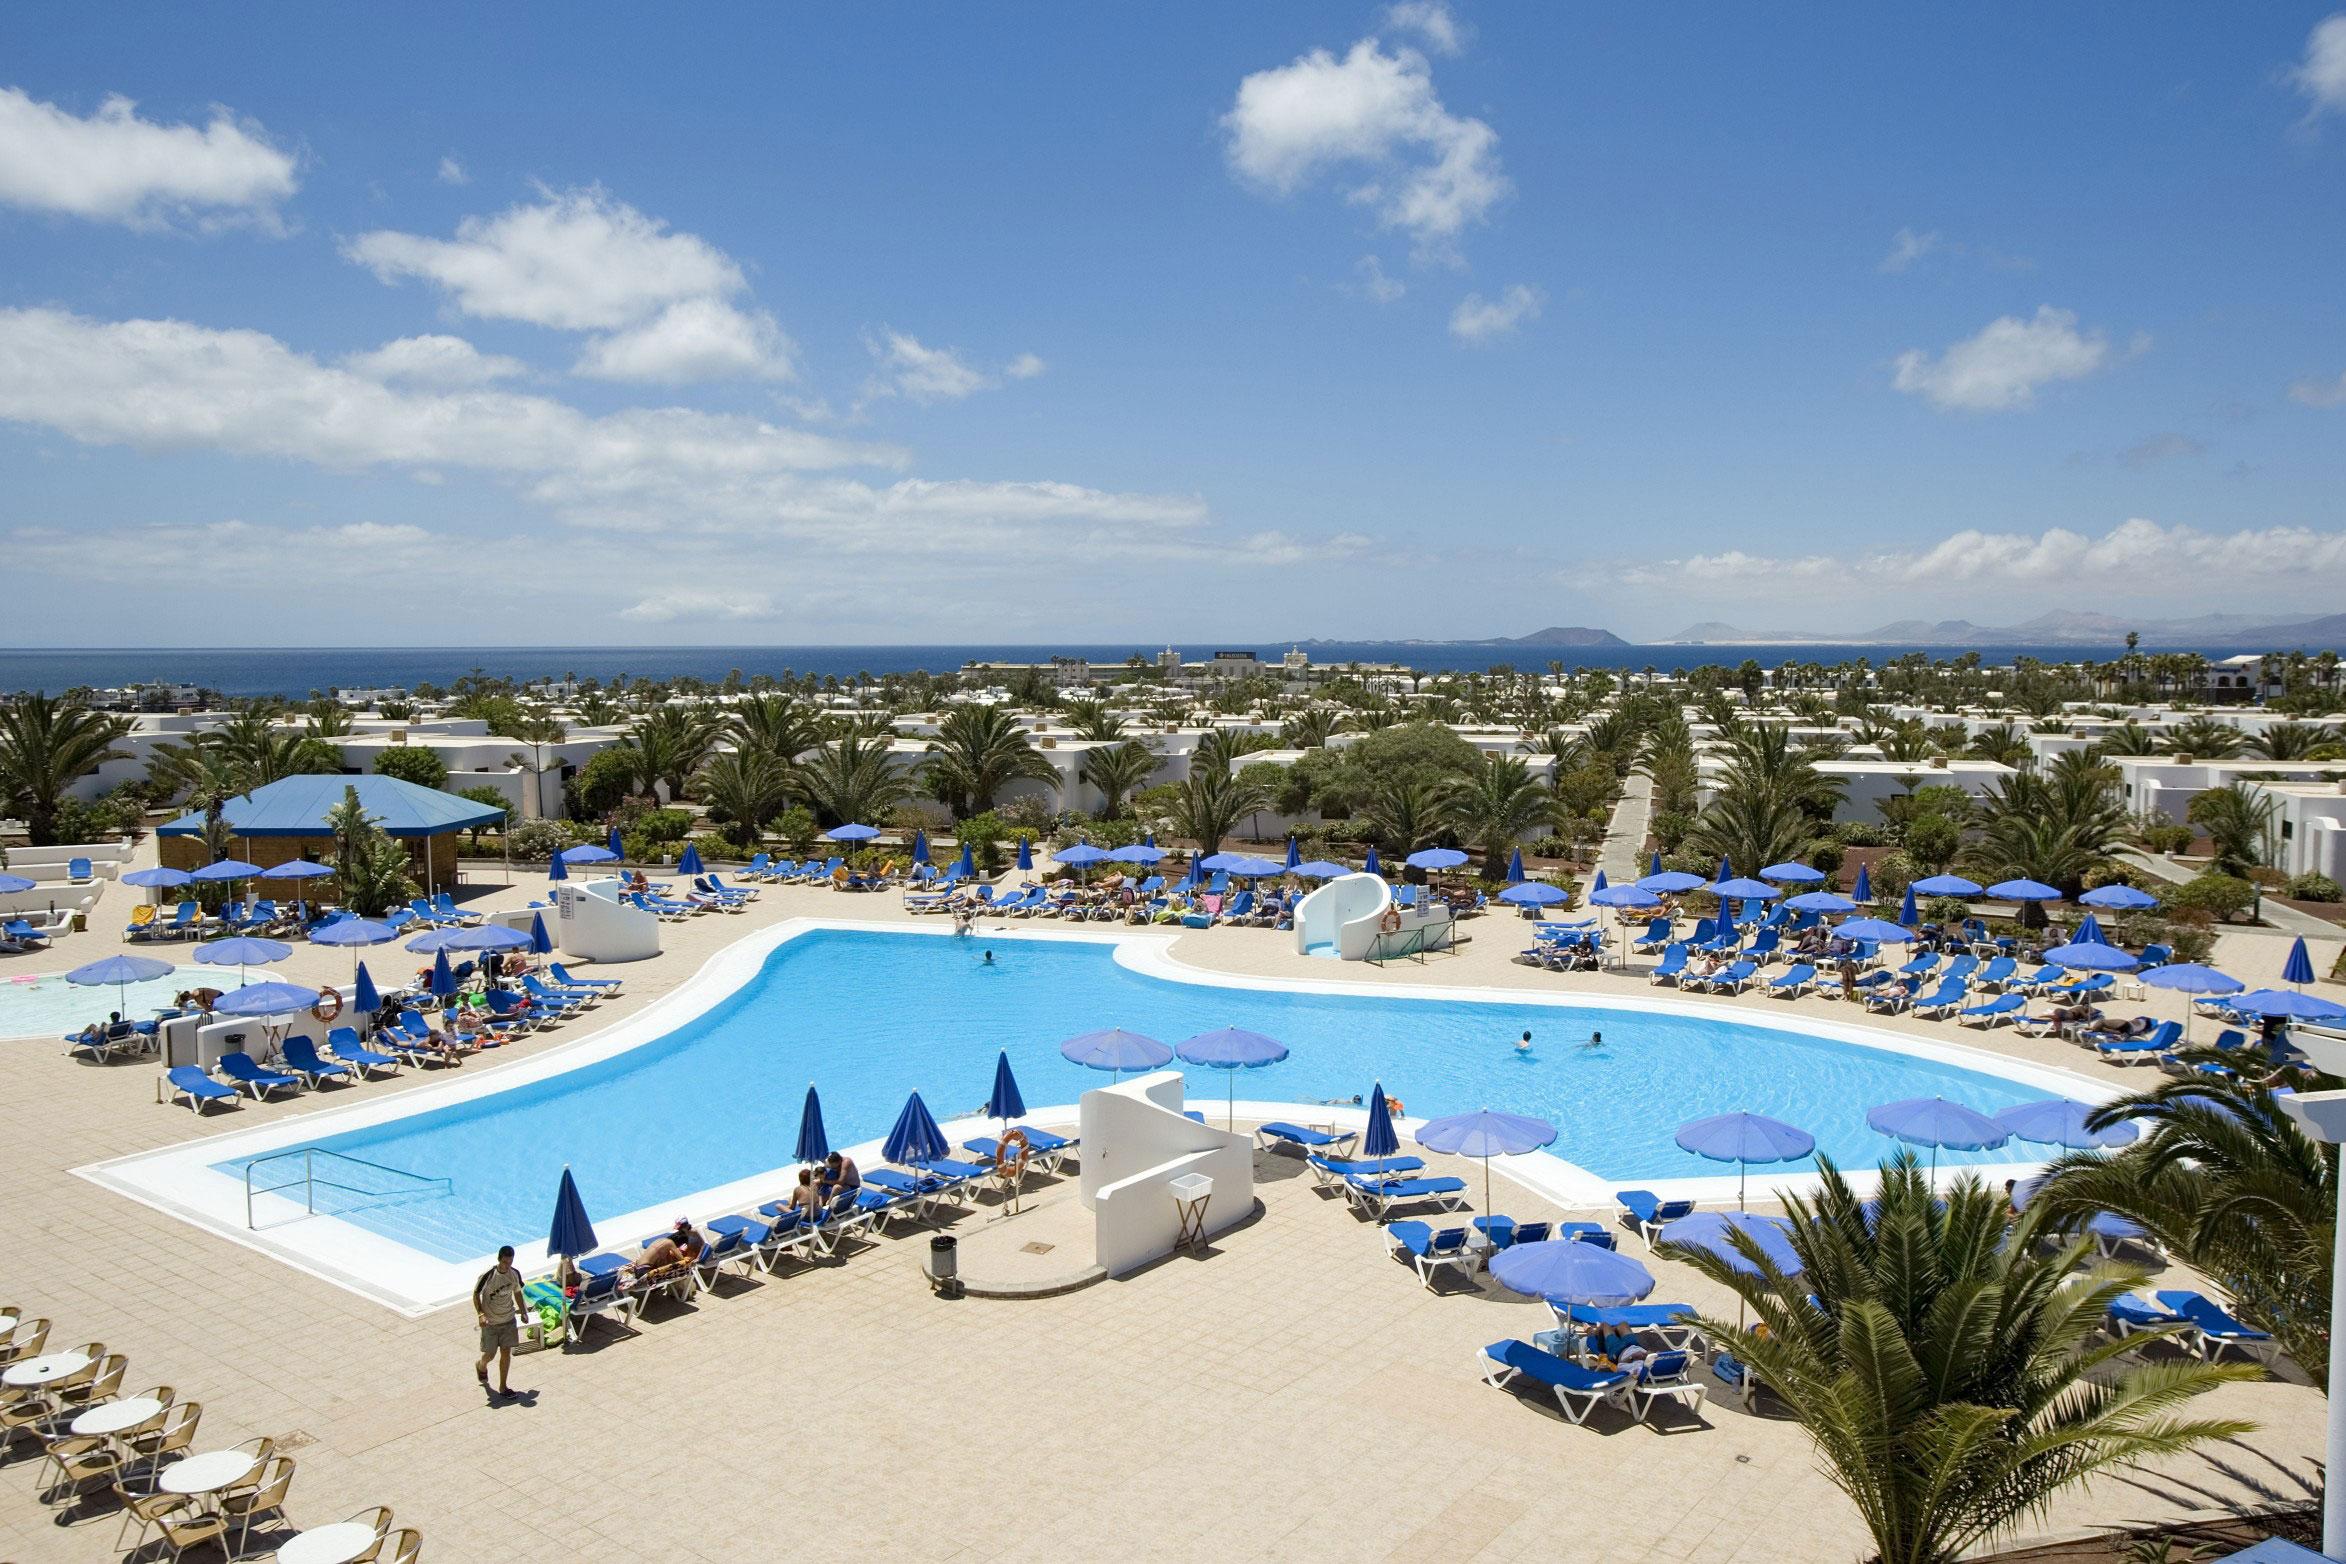 Hotel Hl Rio Playa Blanca